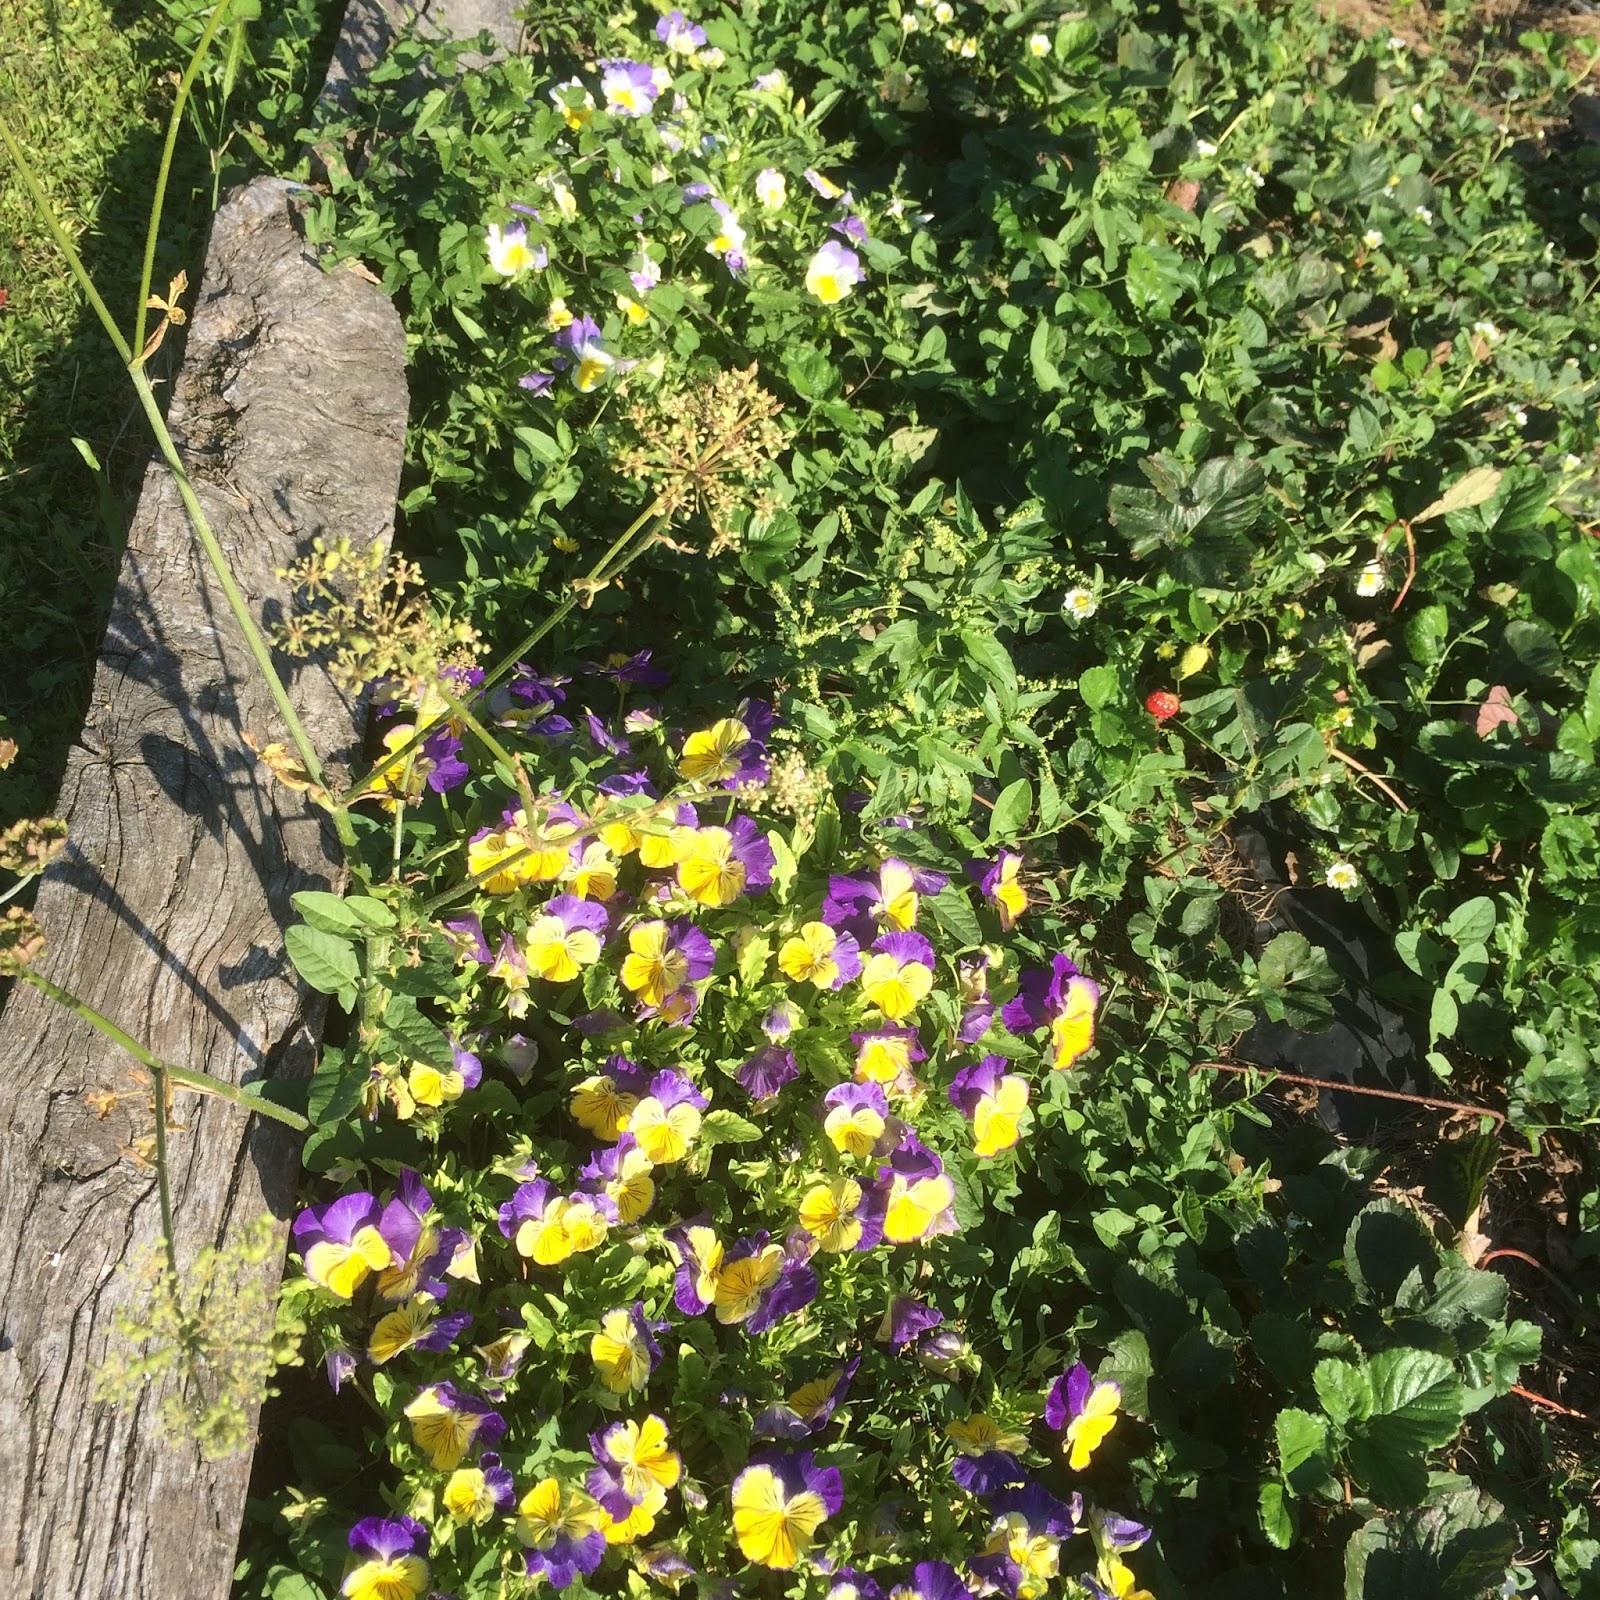 Vincent cuisinier de campagne en touraine une certaine for Jardin lamartine